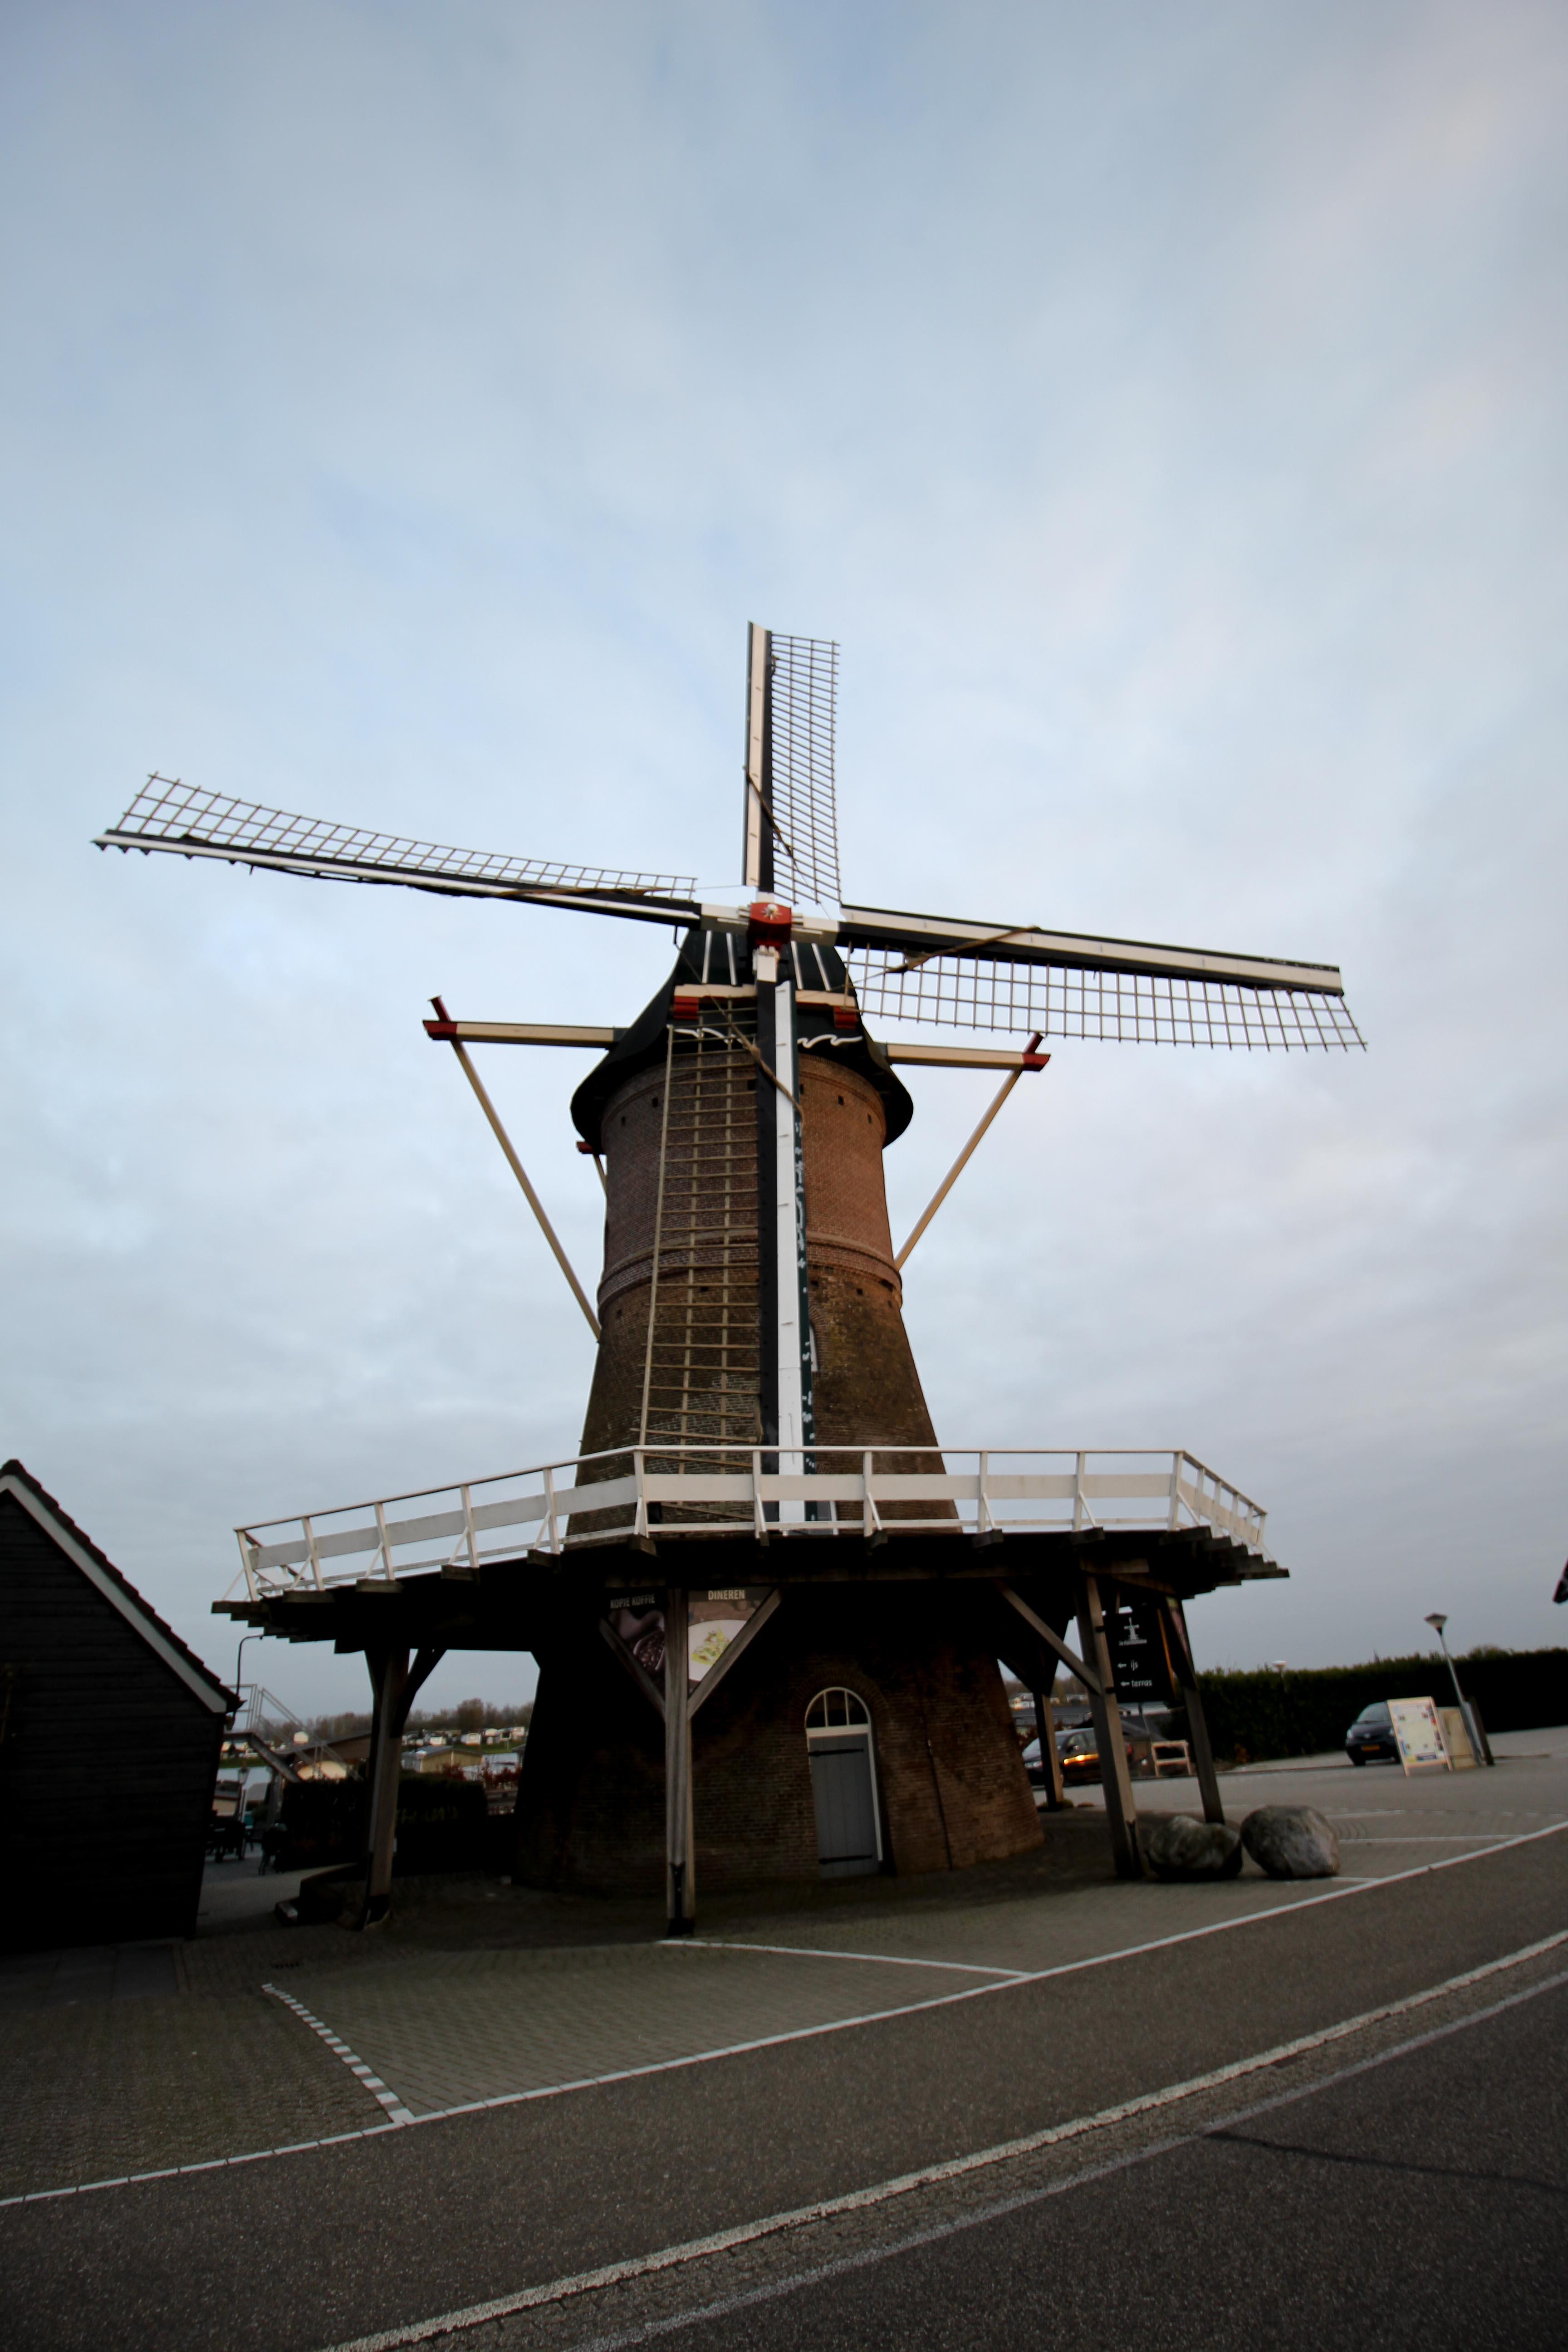 Holland Wochenendtrip Dinner in De Korenmolen in Appeltern das andere Holland Reiseblog Ausflug von Deutschland Mühle